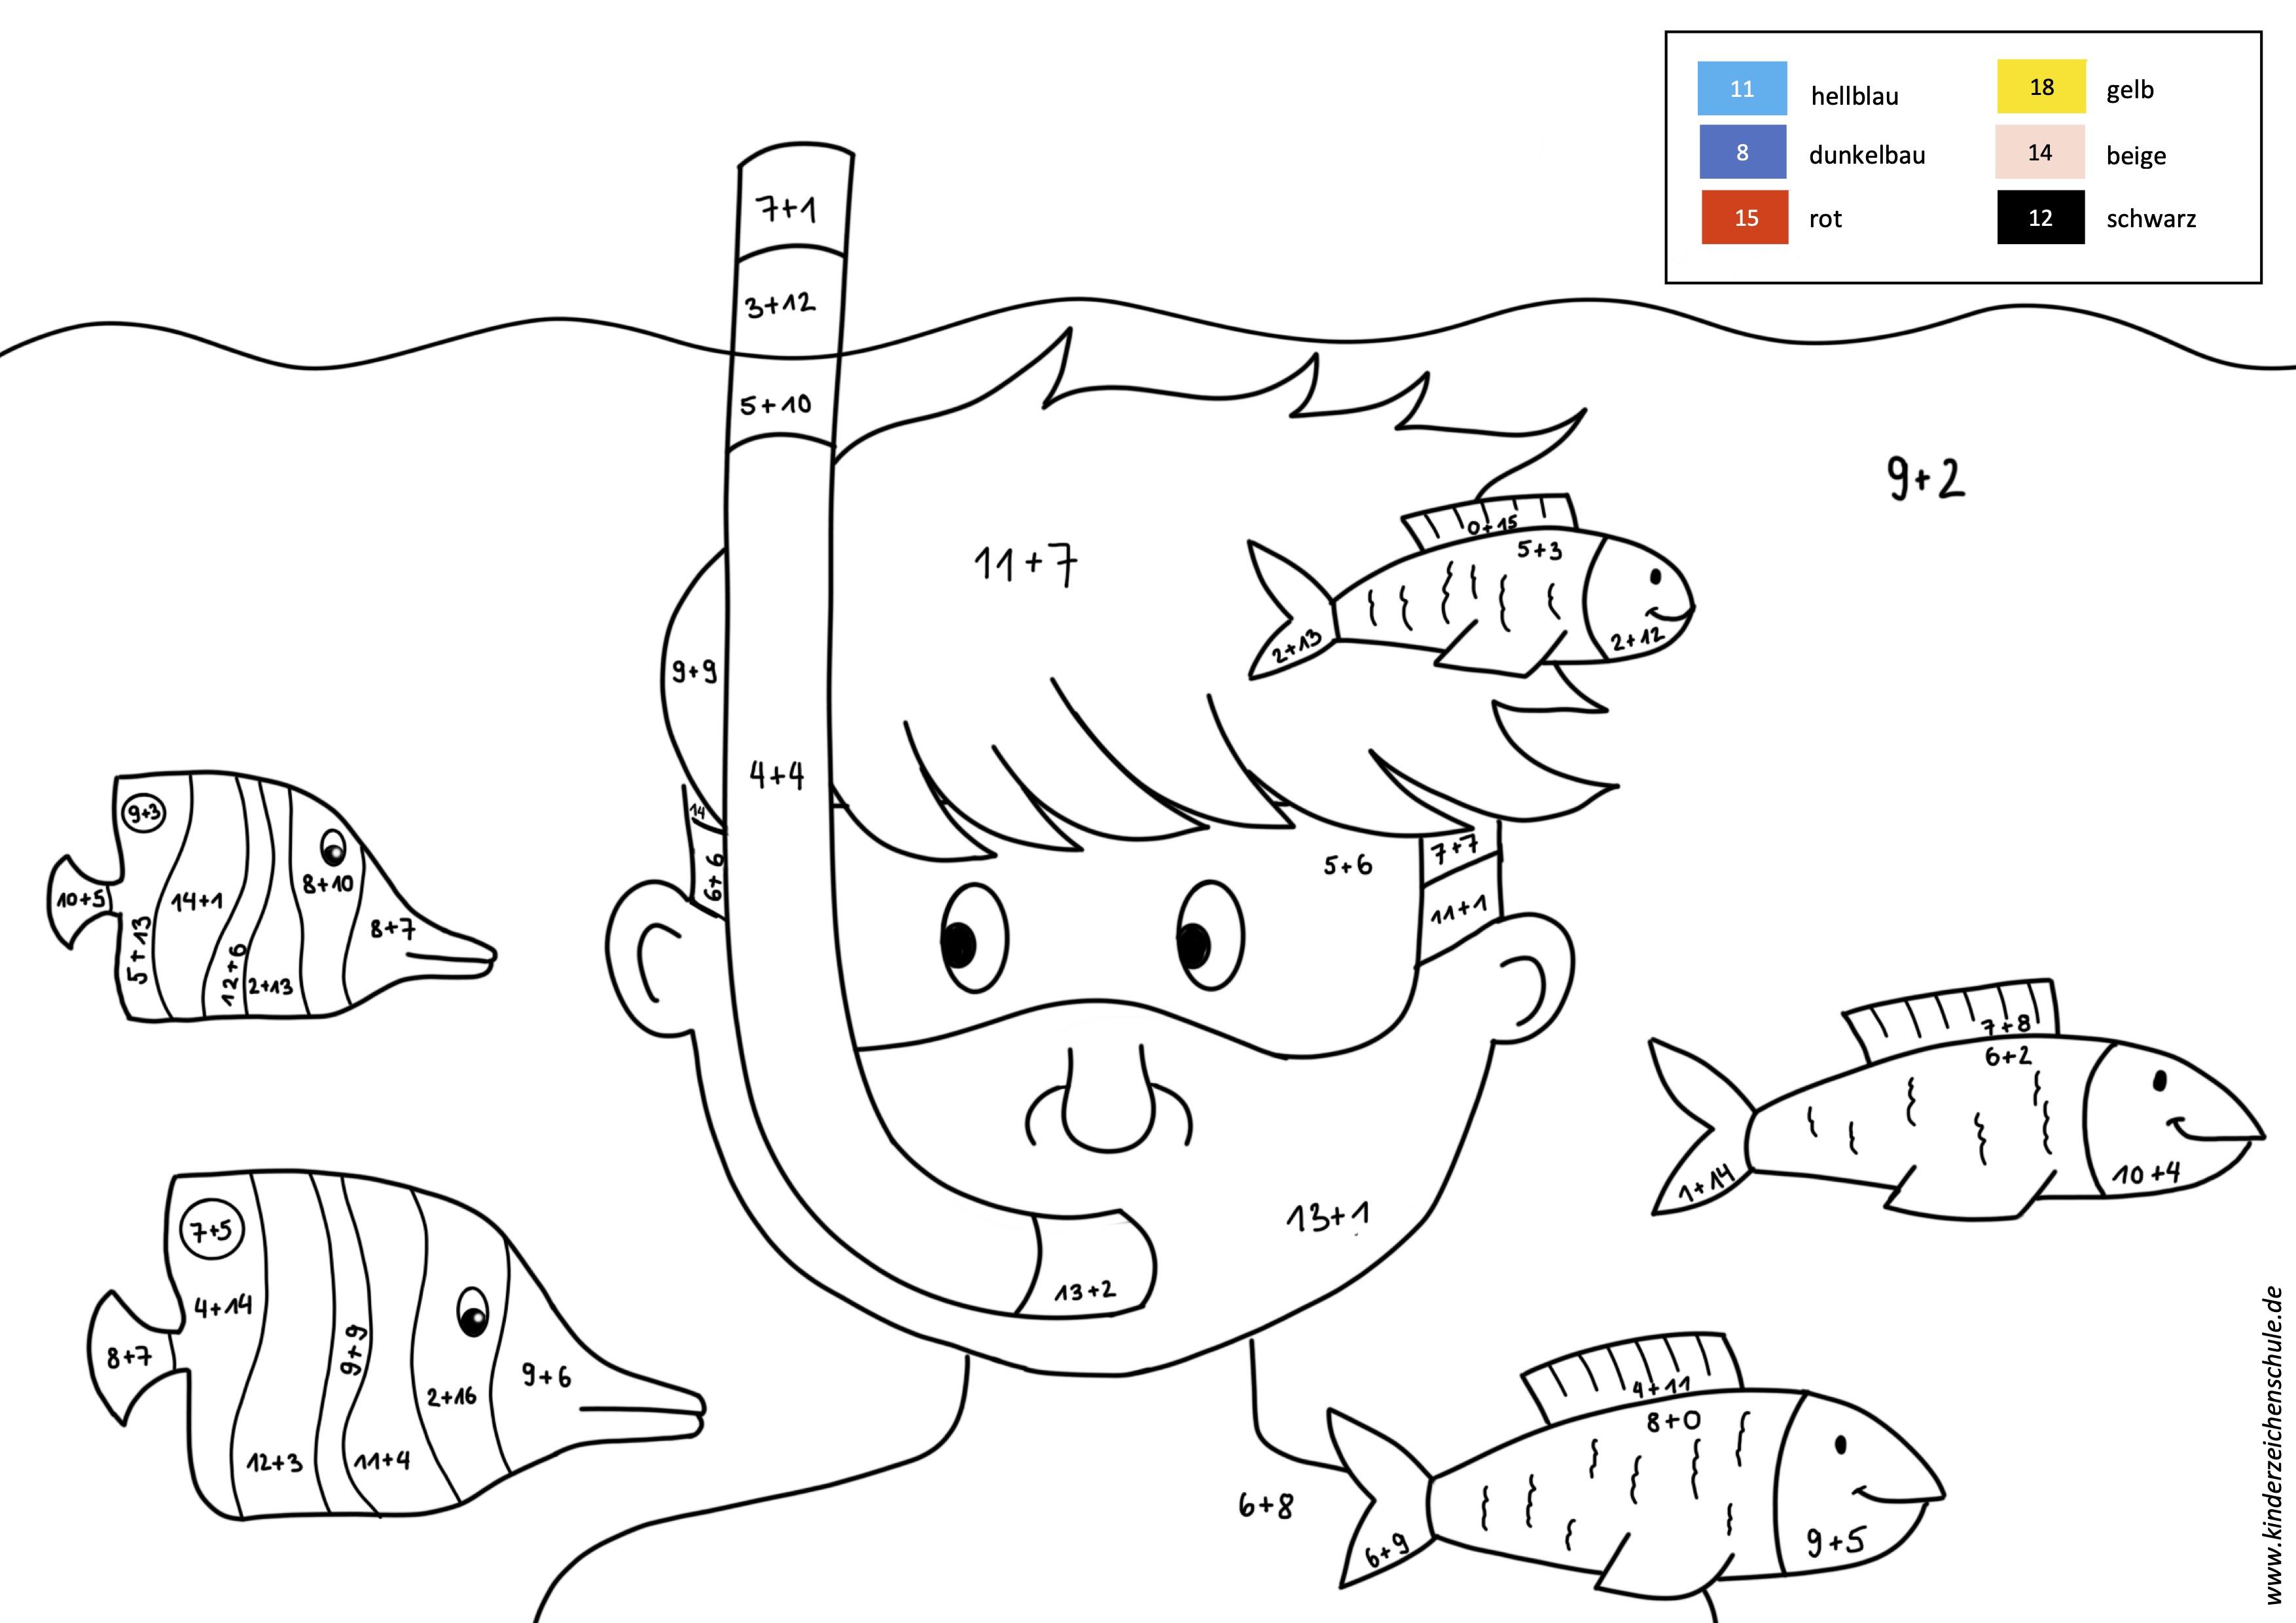 Junge in Unterwasserwelt Malen nach Zahlen mit Rechenaufgaben  Addition und Subtraktion bis 20